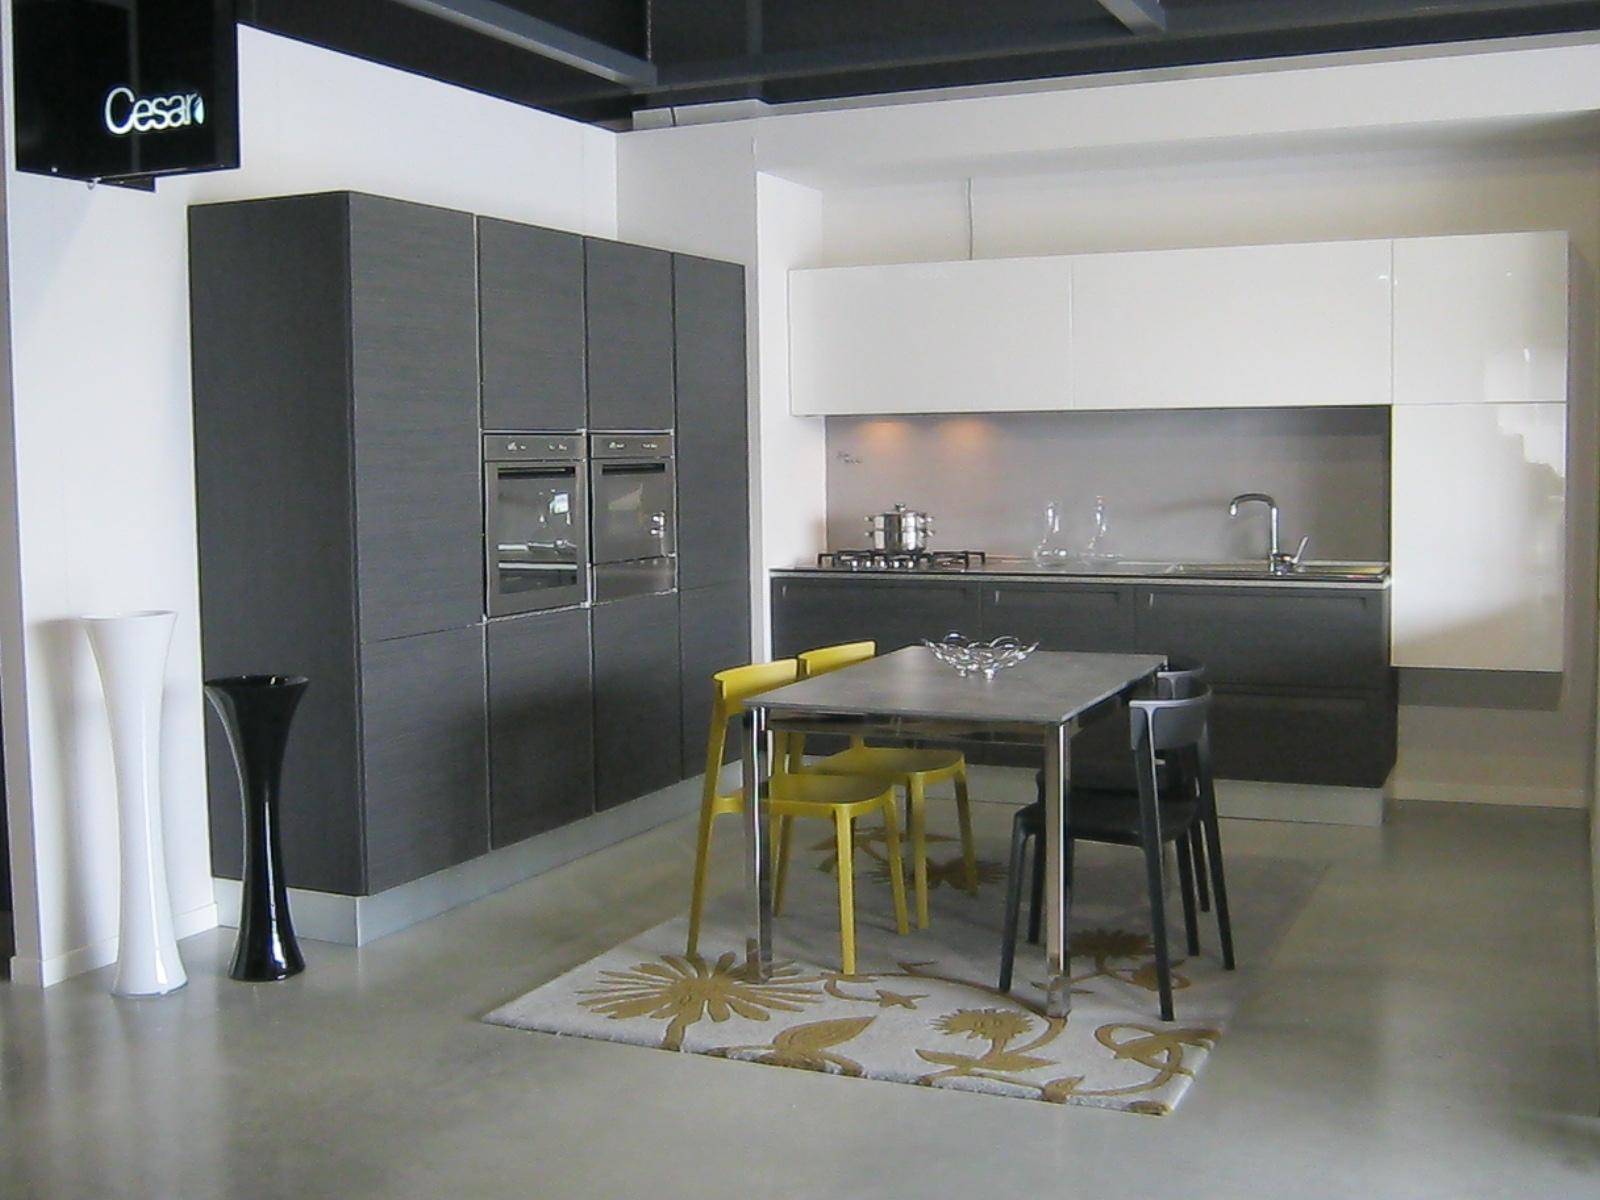 Stunning Cucine Restart Prezzi Pictures - Ideas & Design 2017 ...